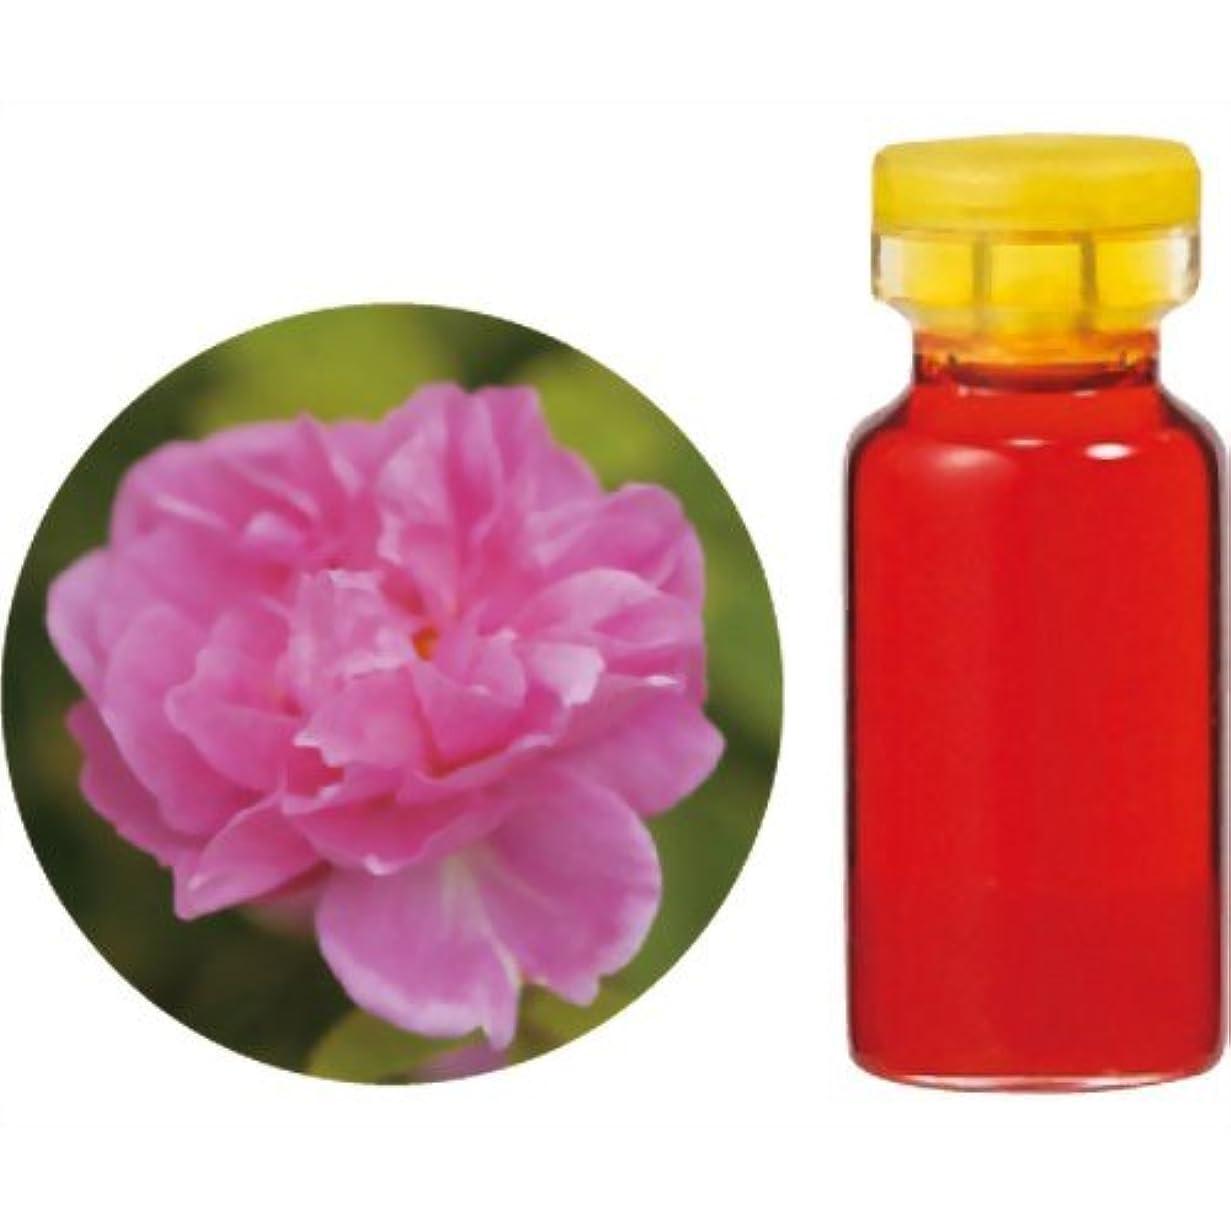 美容師専門用語やりがいのある生活の木 Herbal Life 花精油 ダマスクローズAbs.(モロッコ産) 3ml